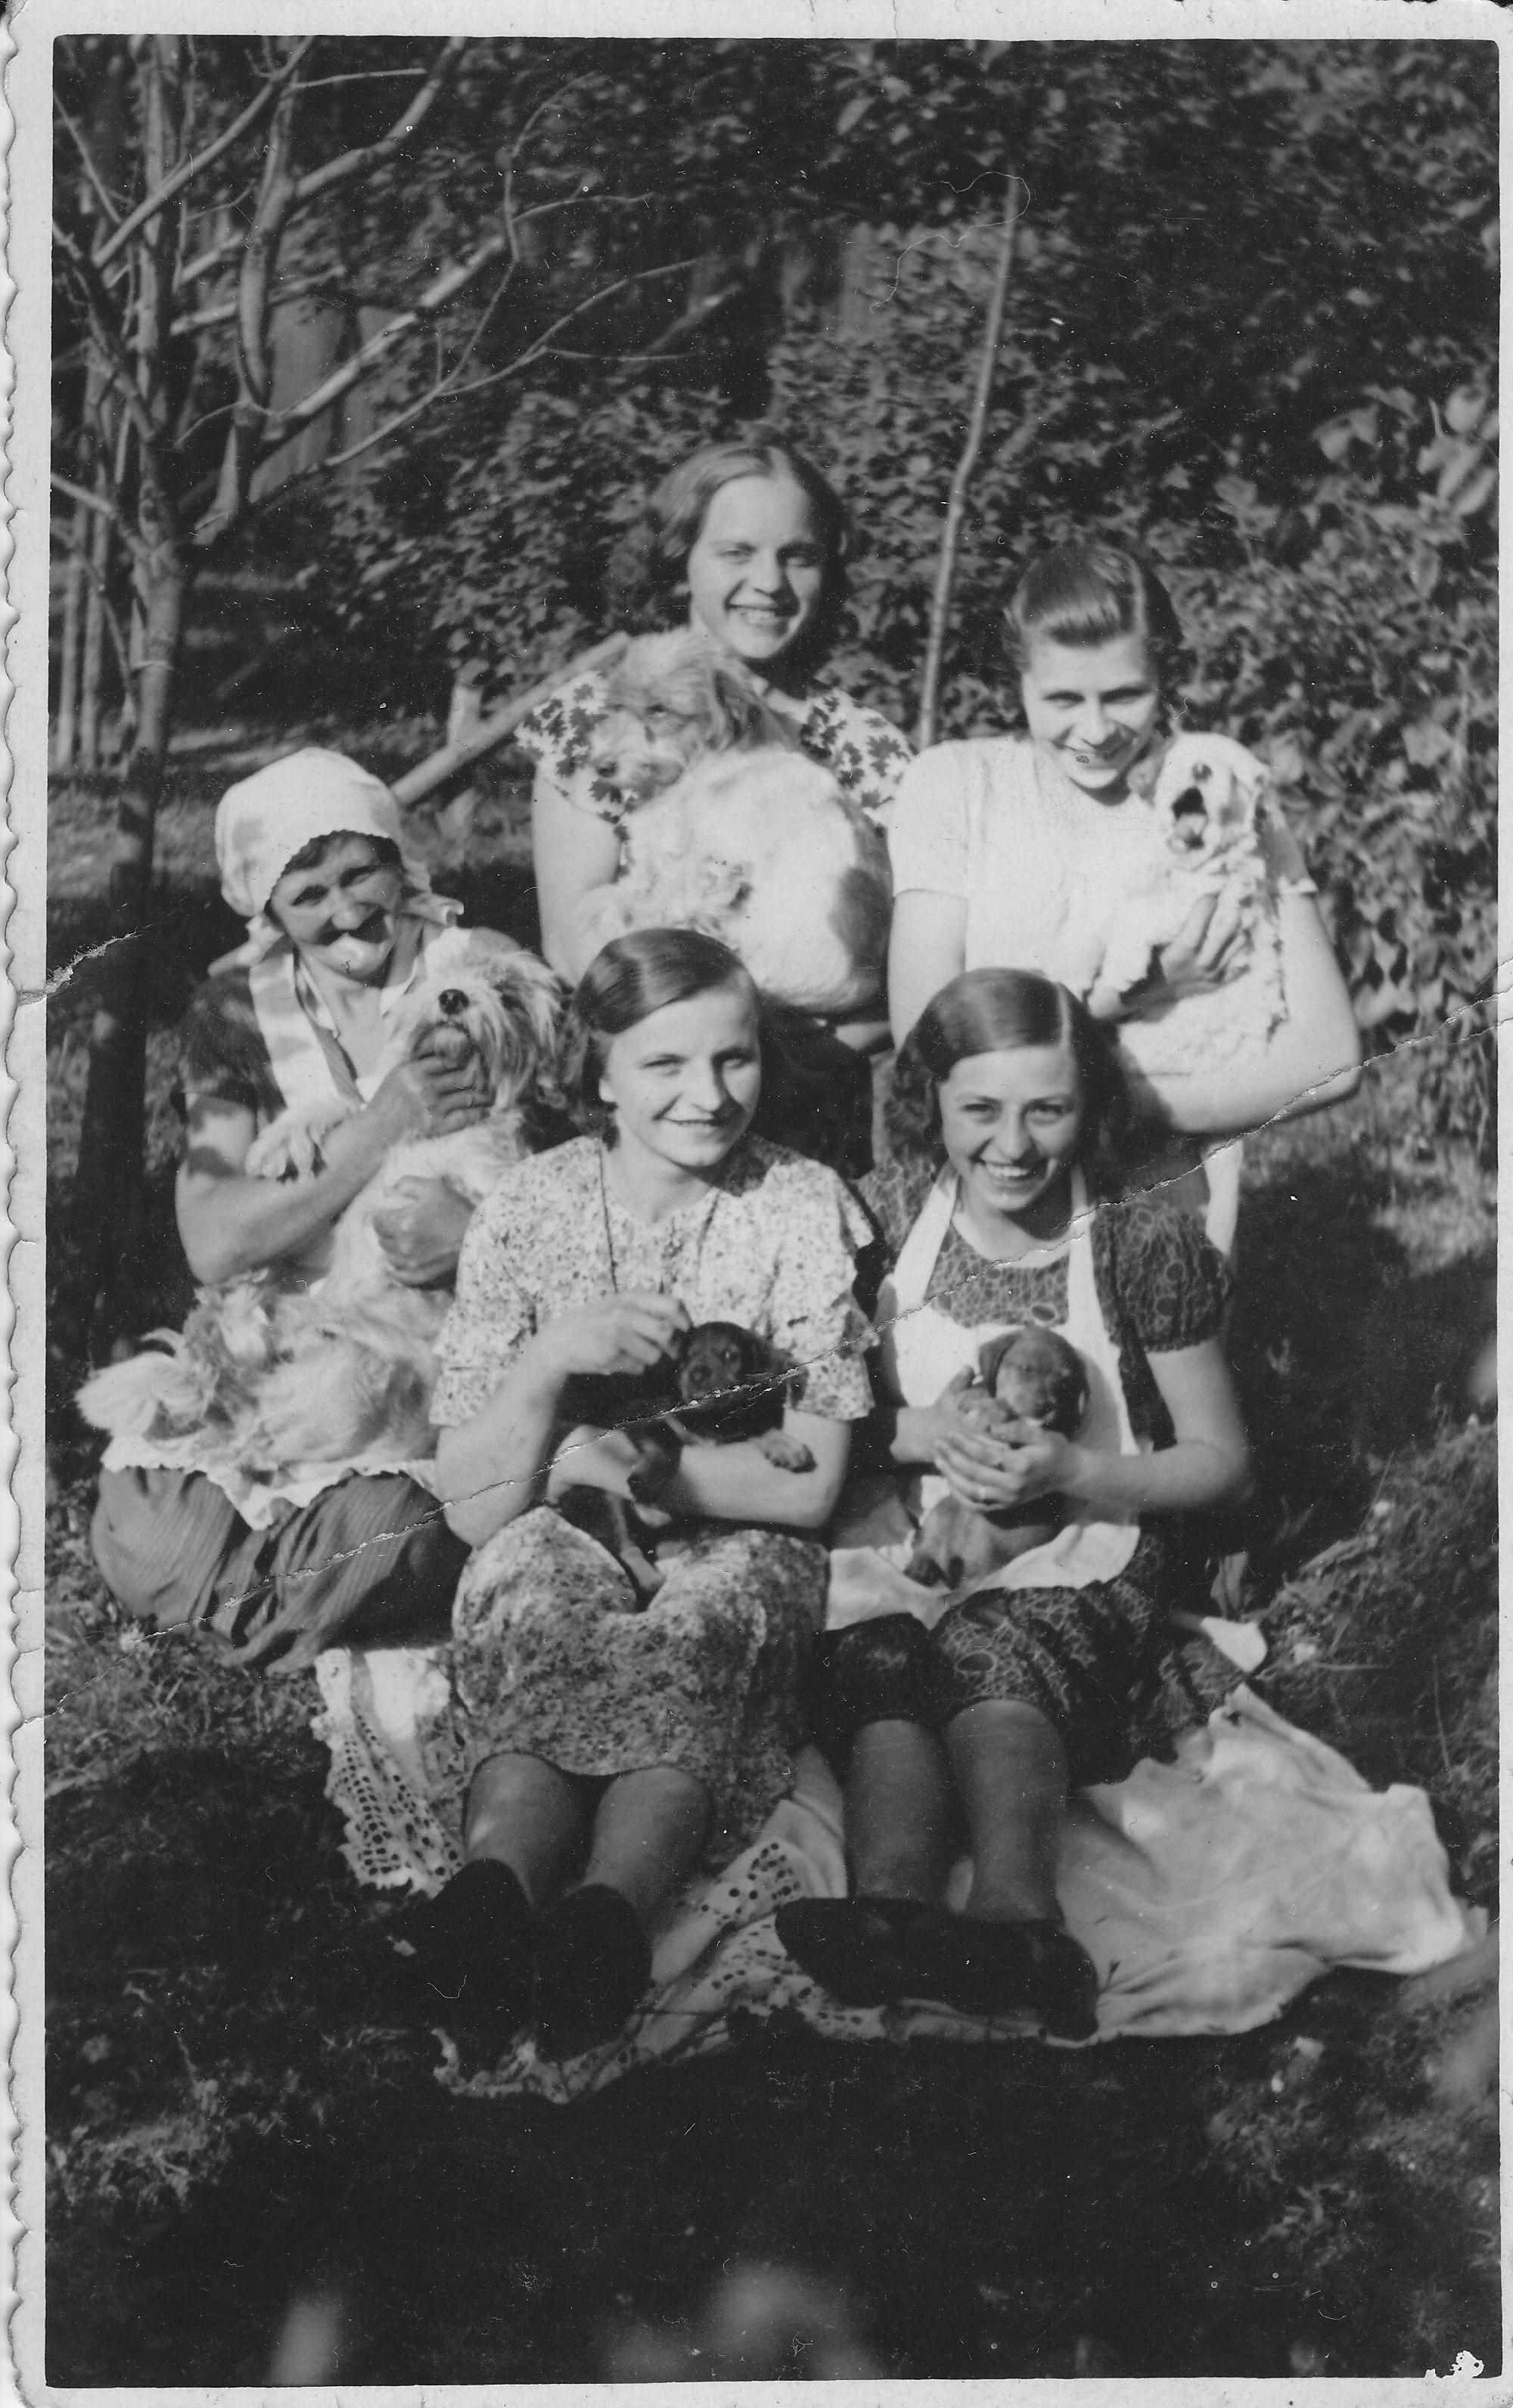 První zprava sedí Marie, rozená Rákosníková.